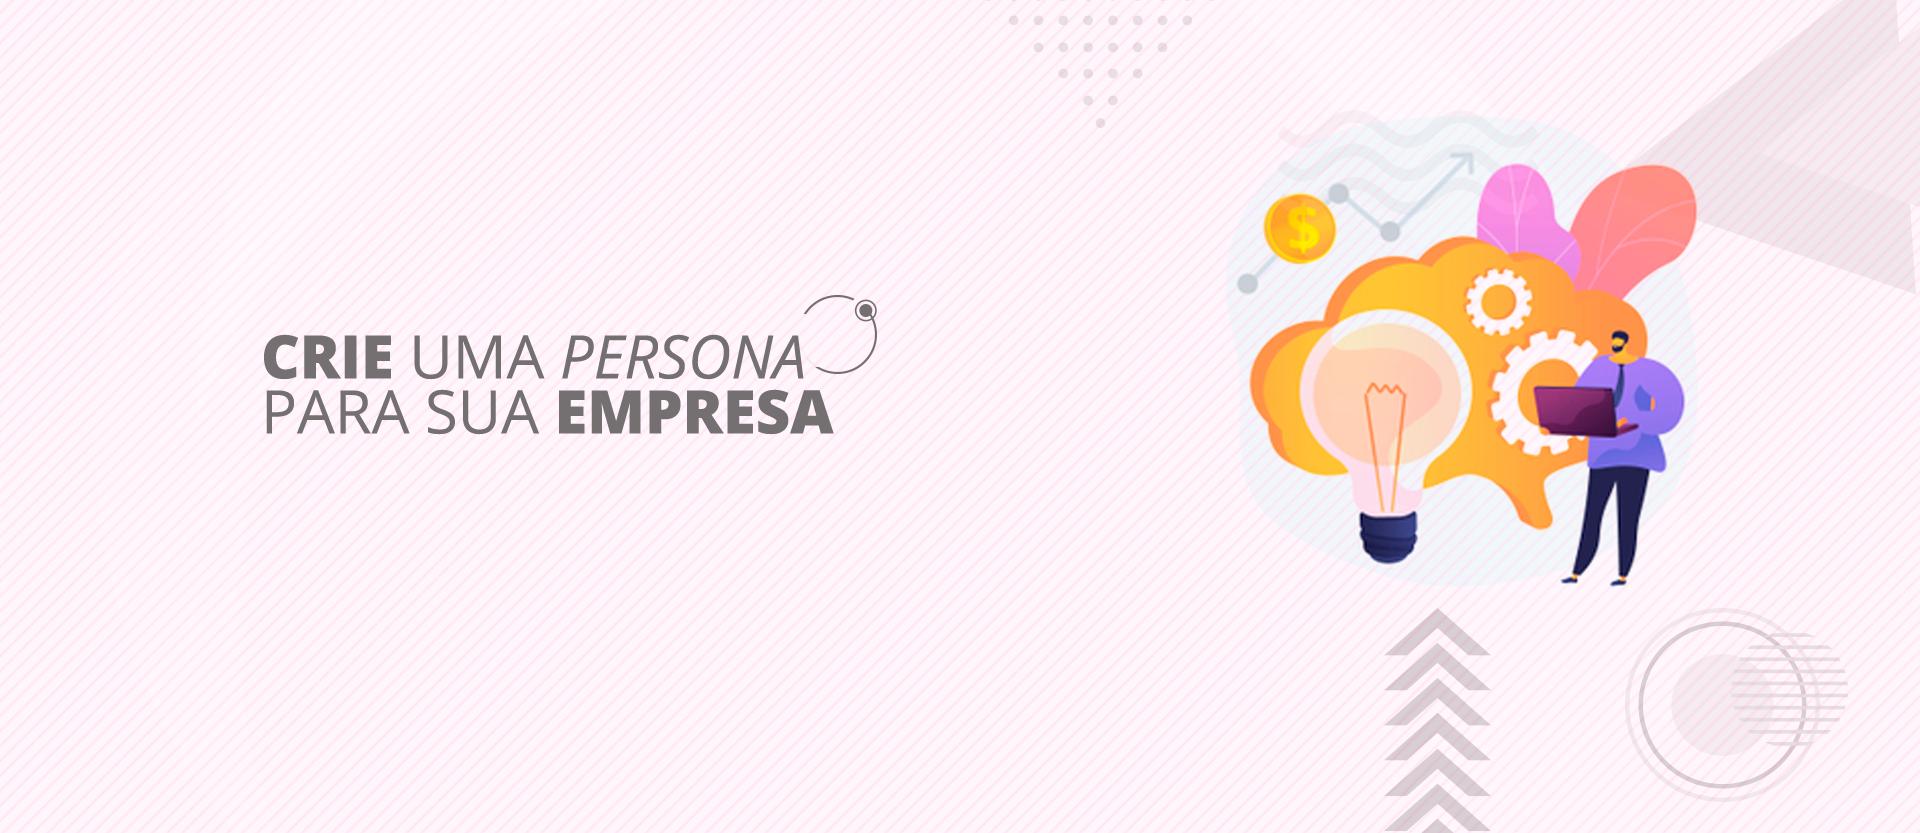 Crie uma persona para sua empresa